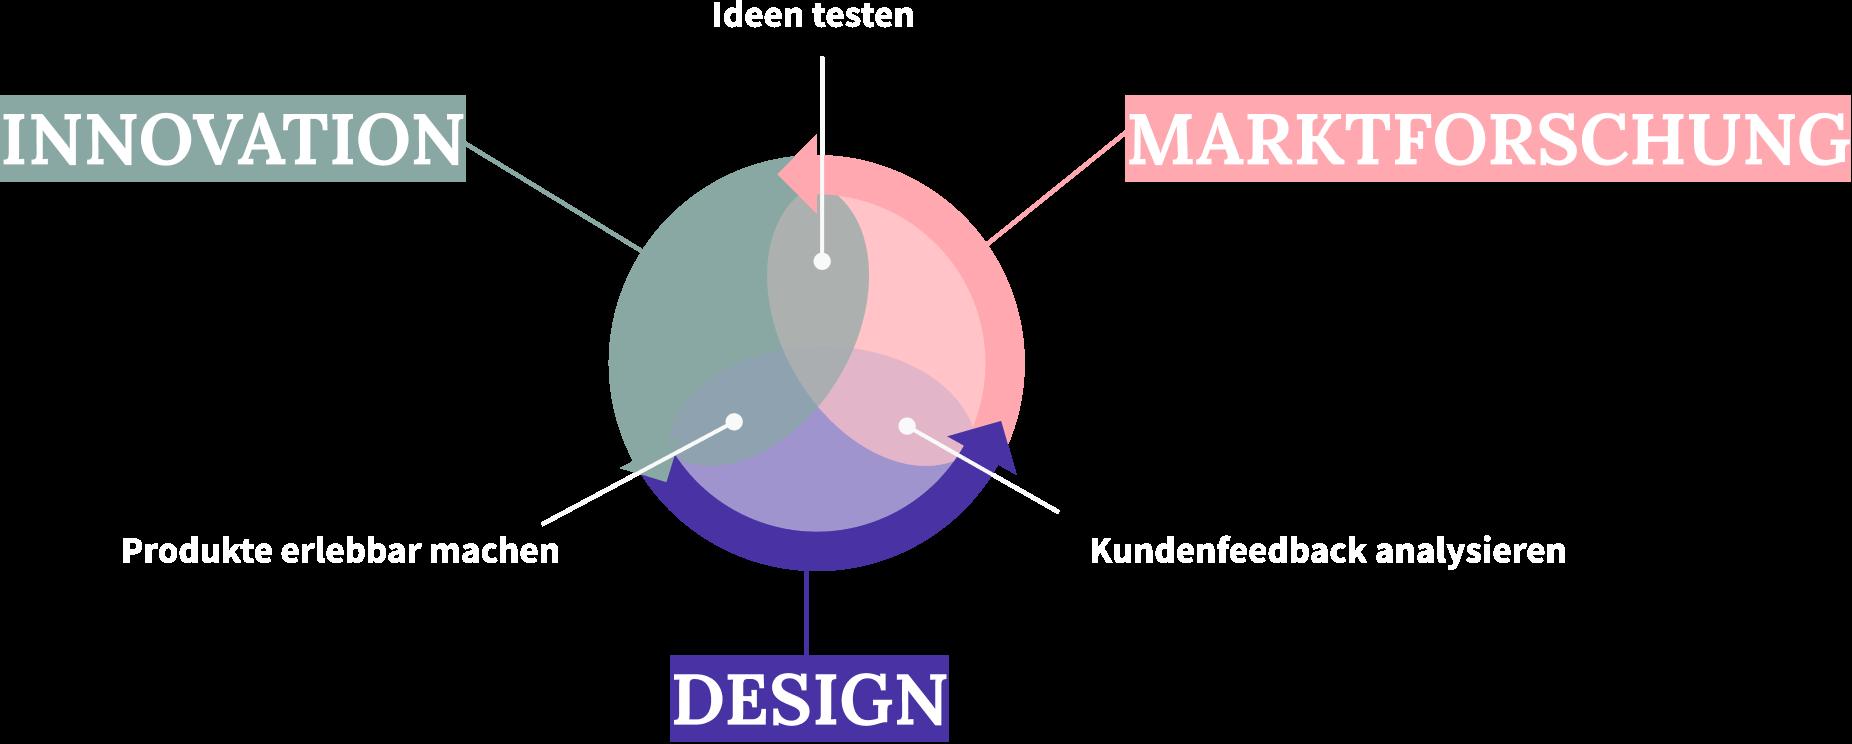 Innovation-Marktforschung-Design Diagramm innohack